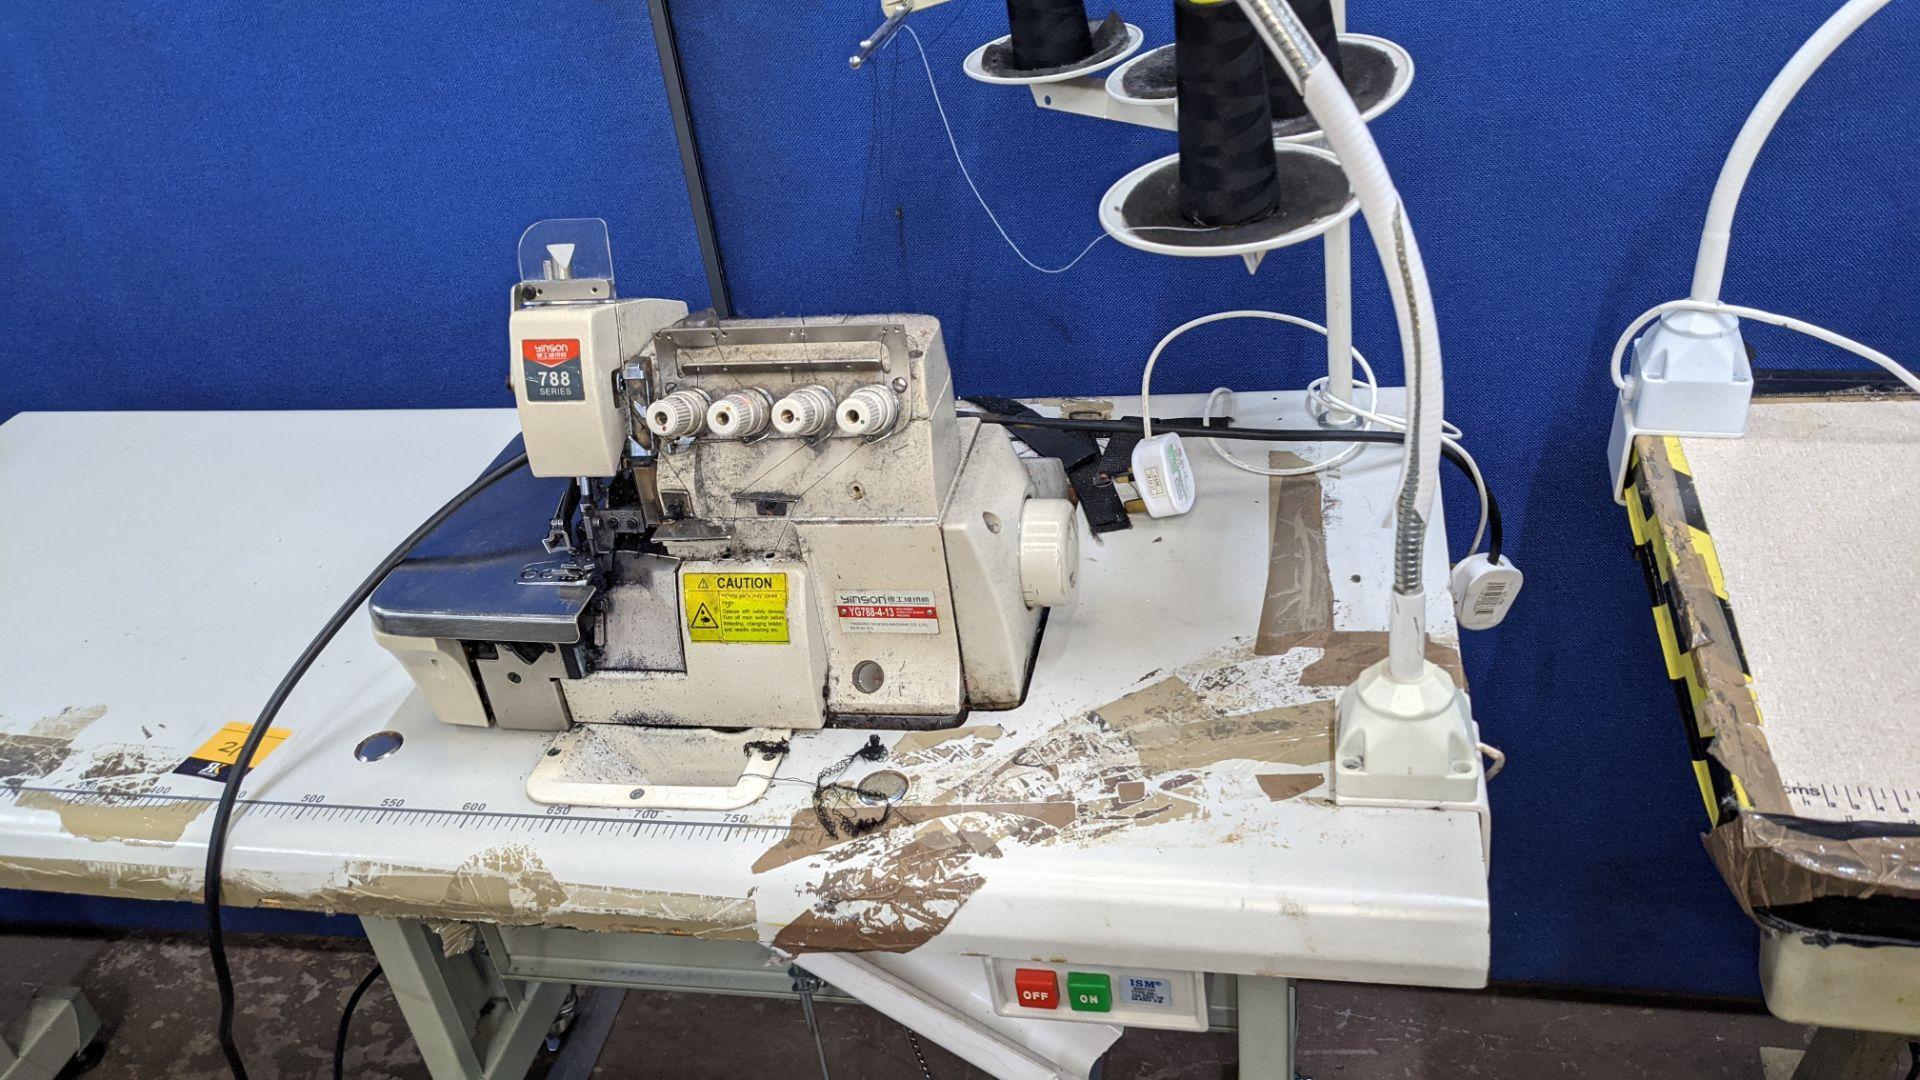 Yingon 788 series overlocker model YG788-4-13 - Image 5 of 16